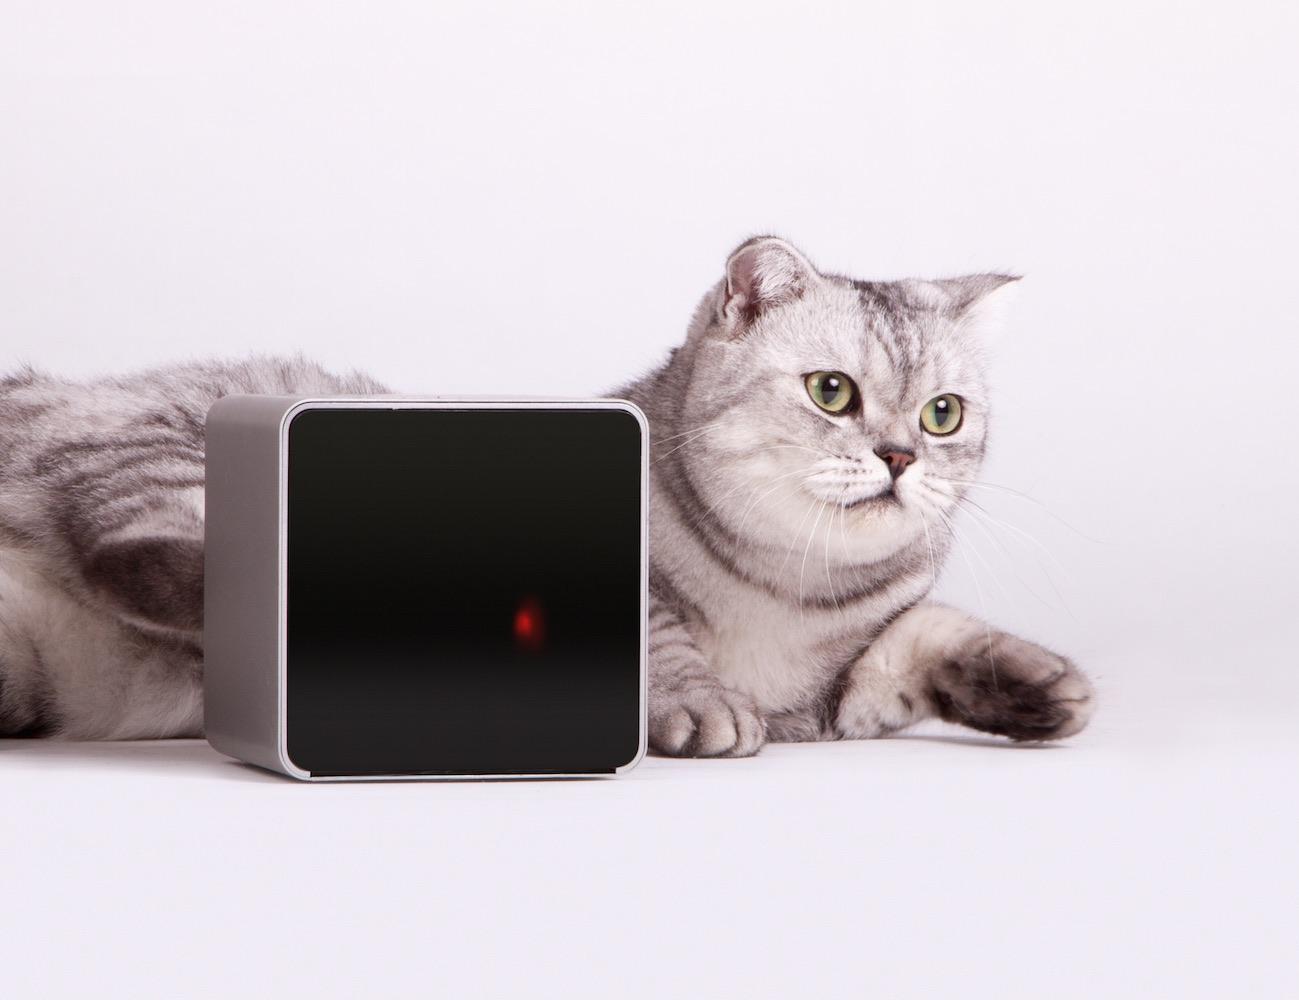 petcube-remote-wireless-pet-camera-02.jpeg